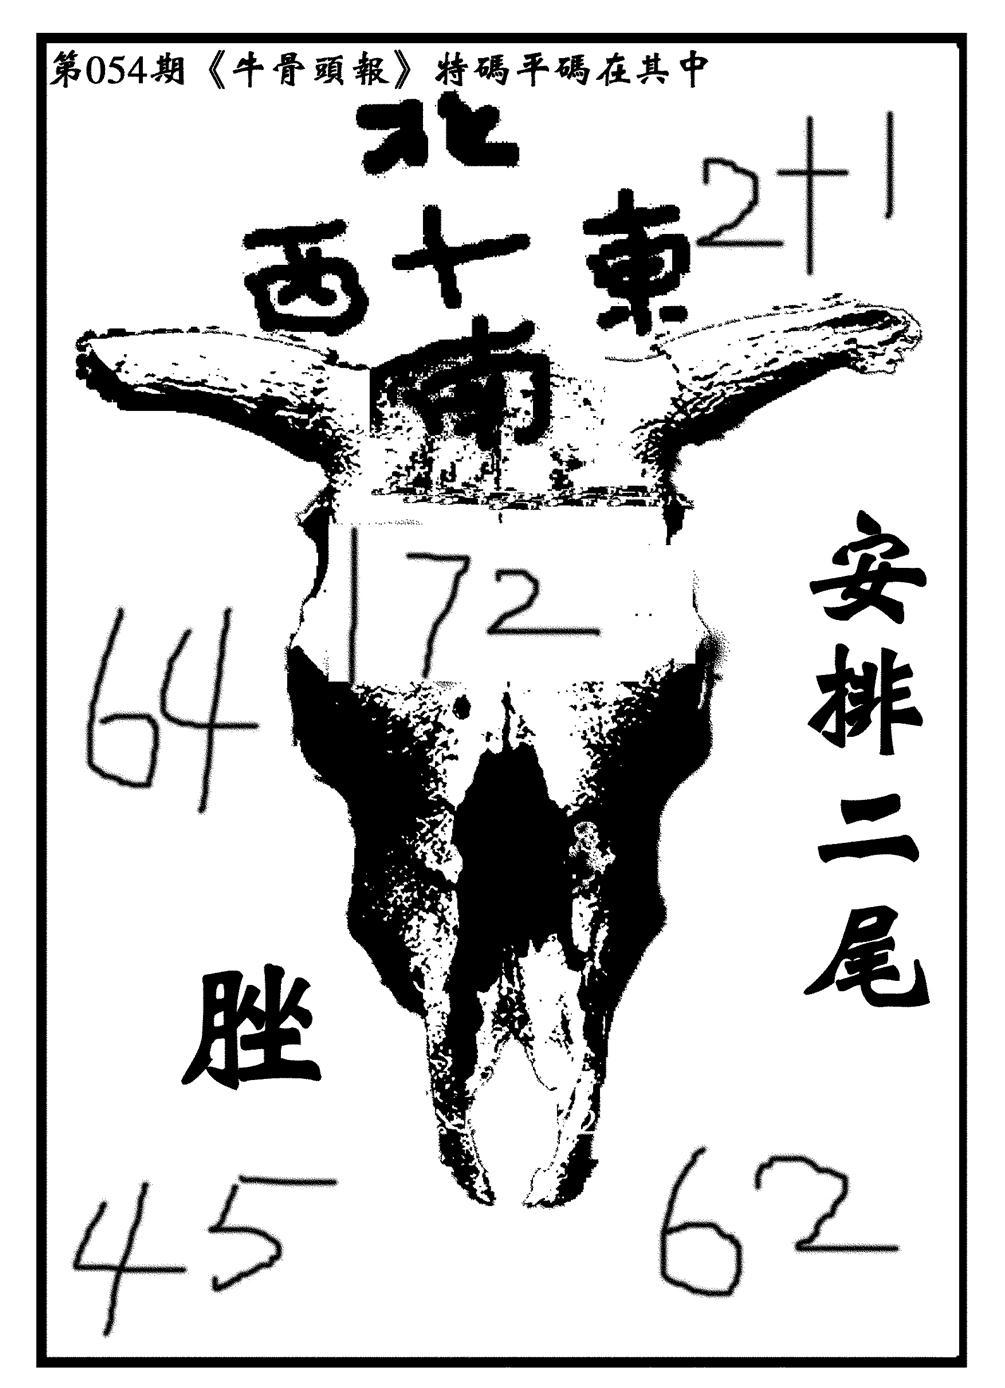 054期牛头报(黑白)